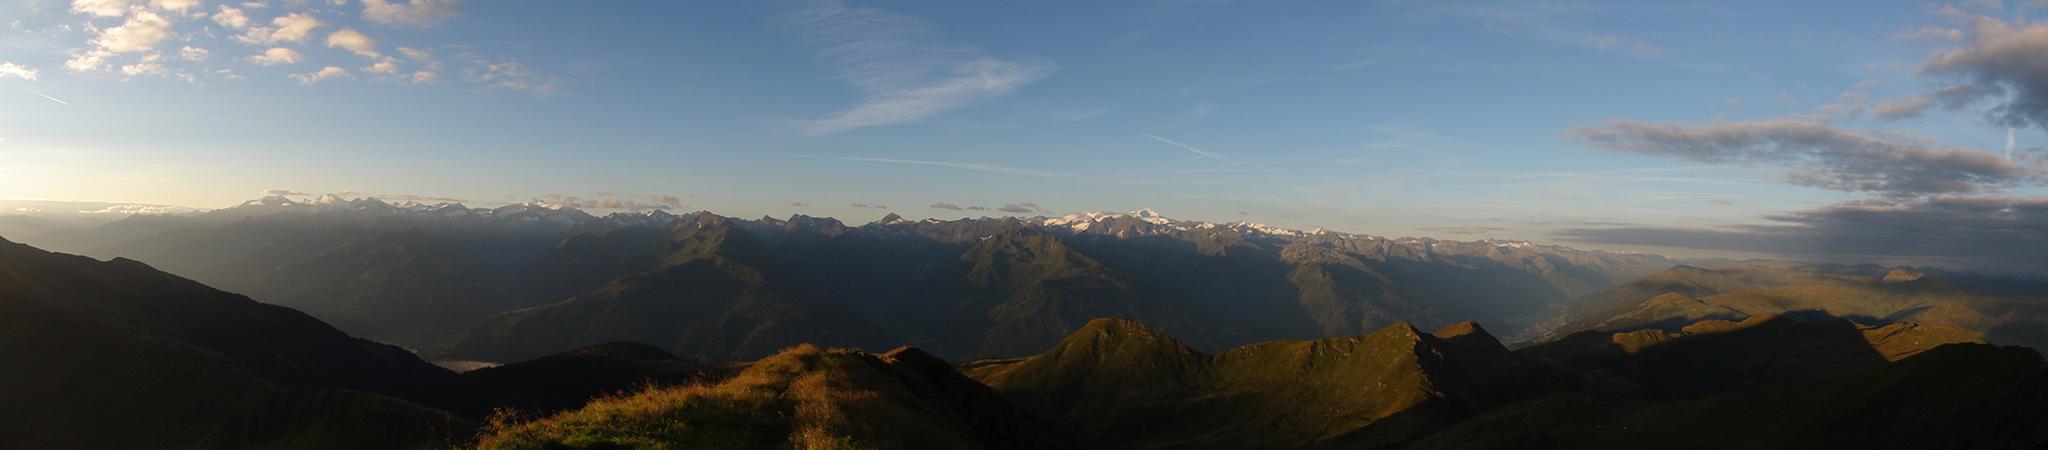 Arnoweg: Herrlicher Ausblick über die Hohen Tauern mit Glocknergruppe und Großvenedigergruppe bei Sonnenaufgang